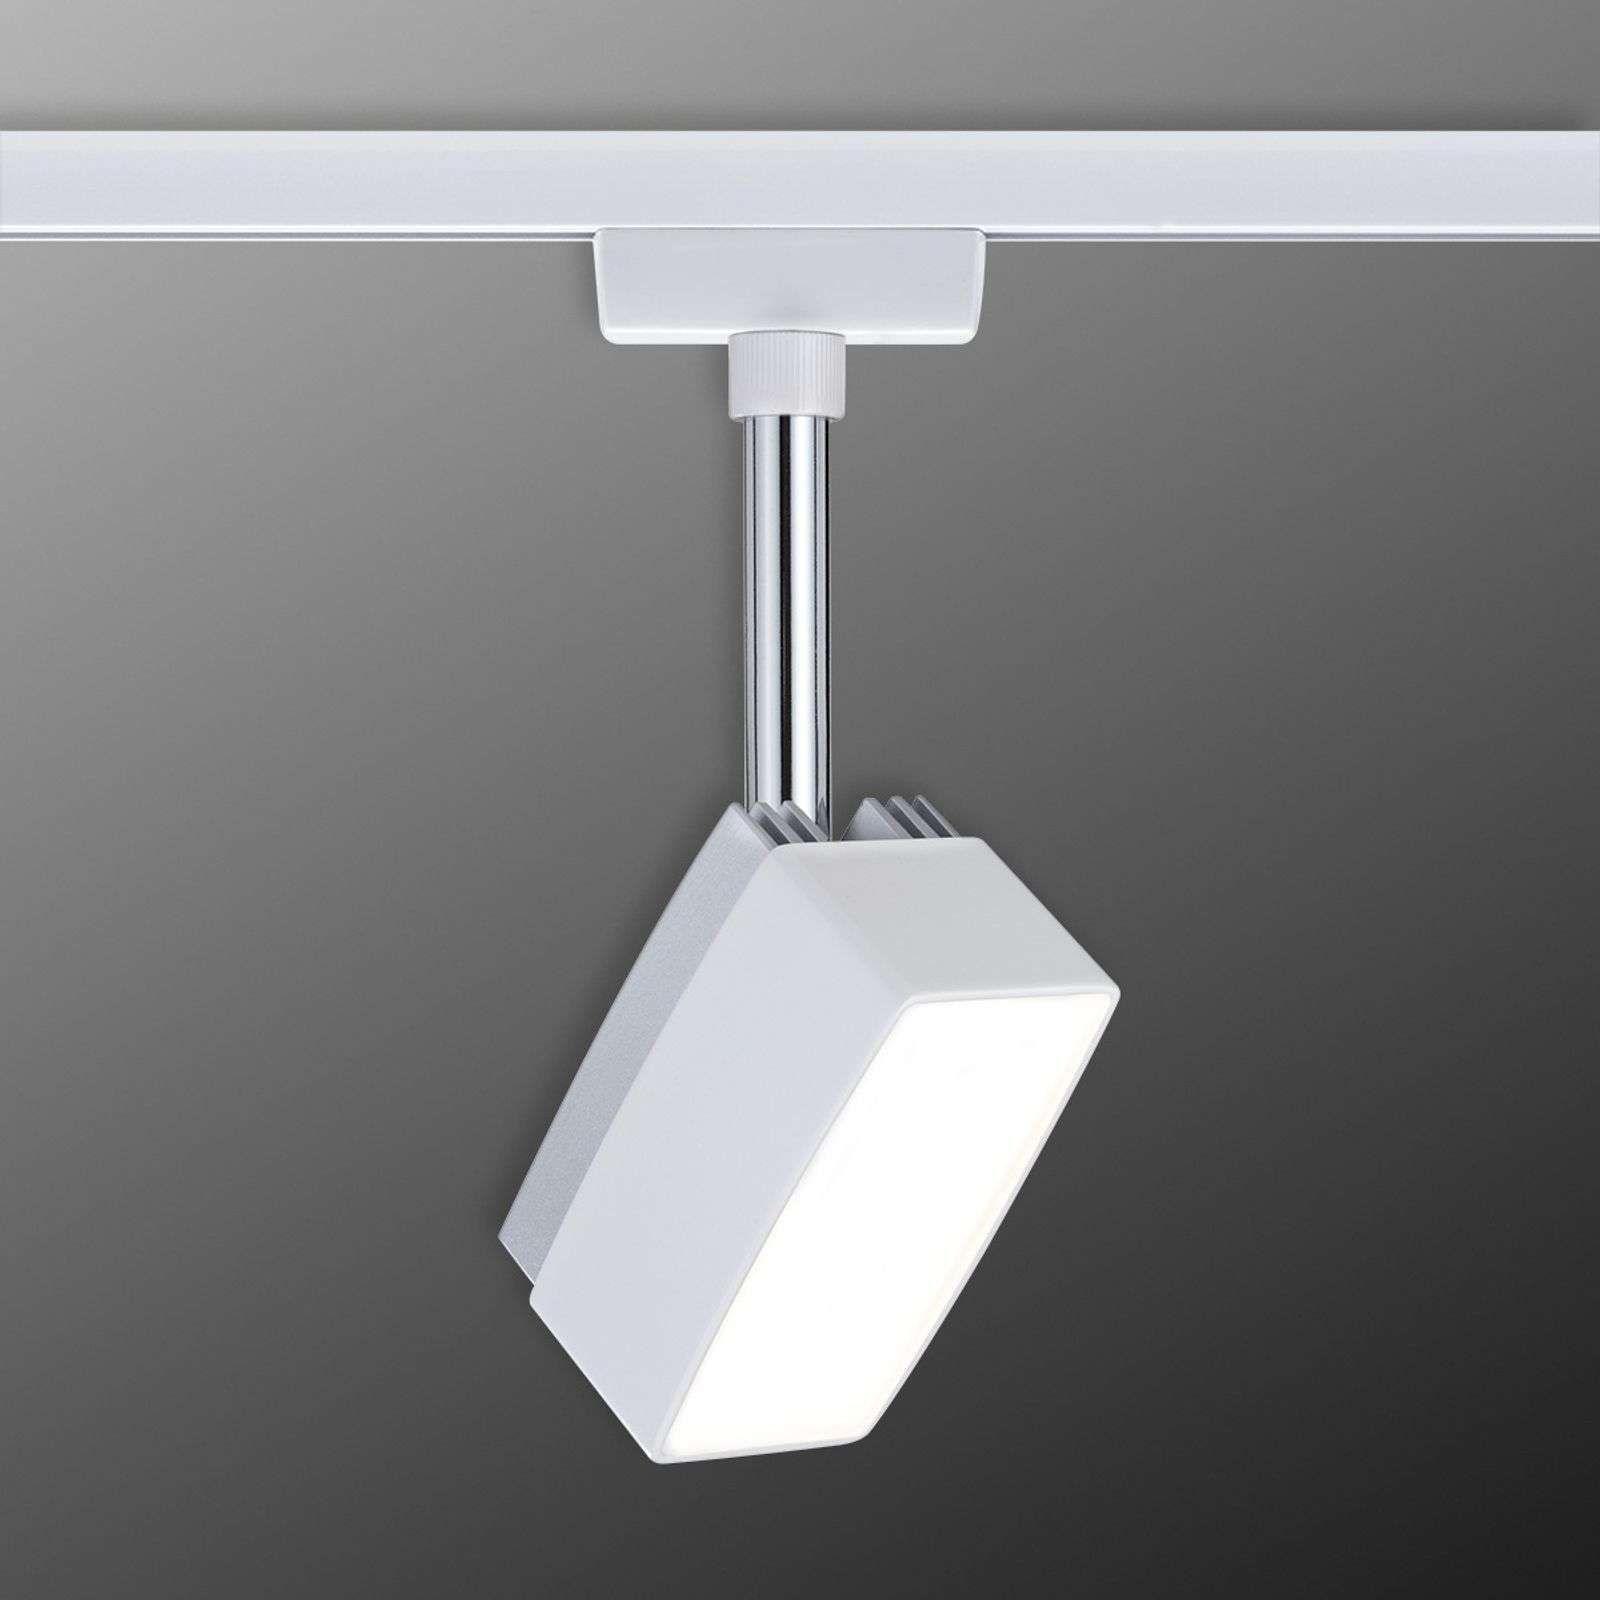 Witte Led Spot Pedal Voor U Rail Railsysteem Badkamer Inbouwspots Led Binnenverlichting